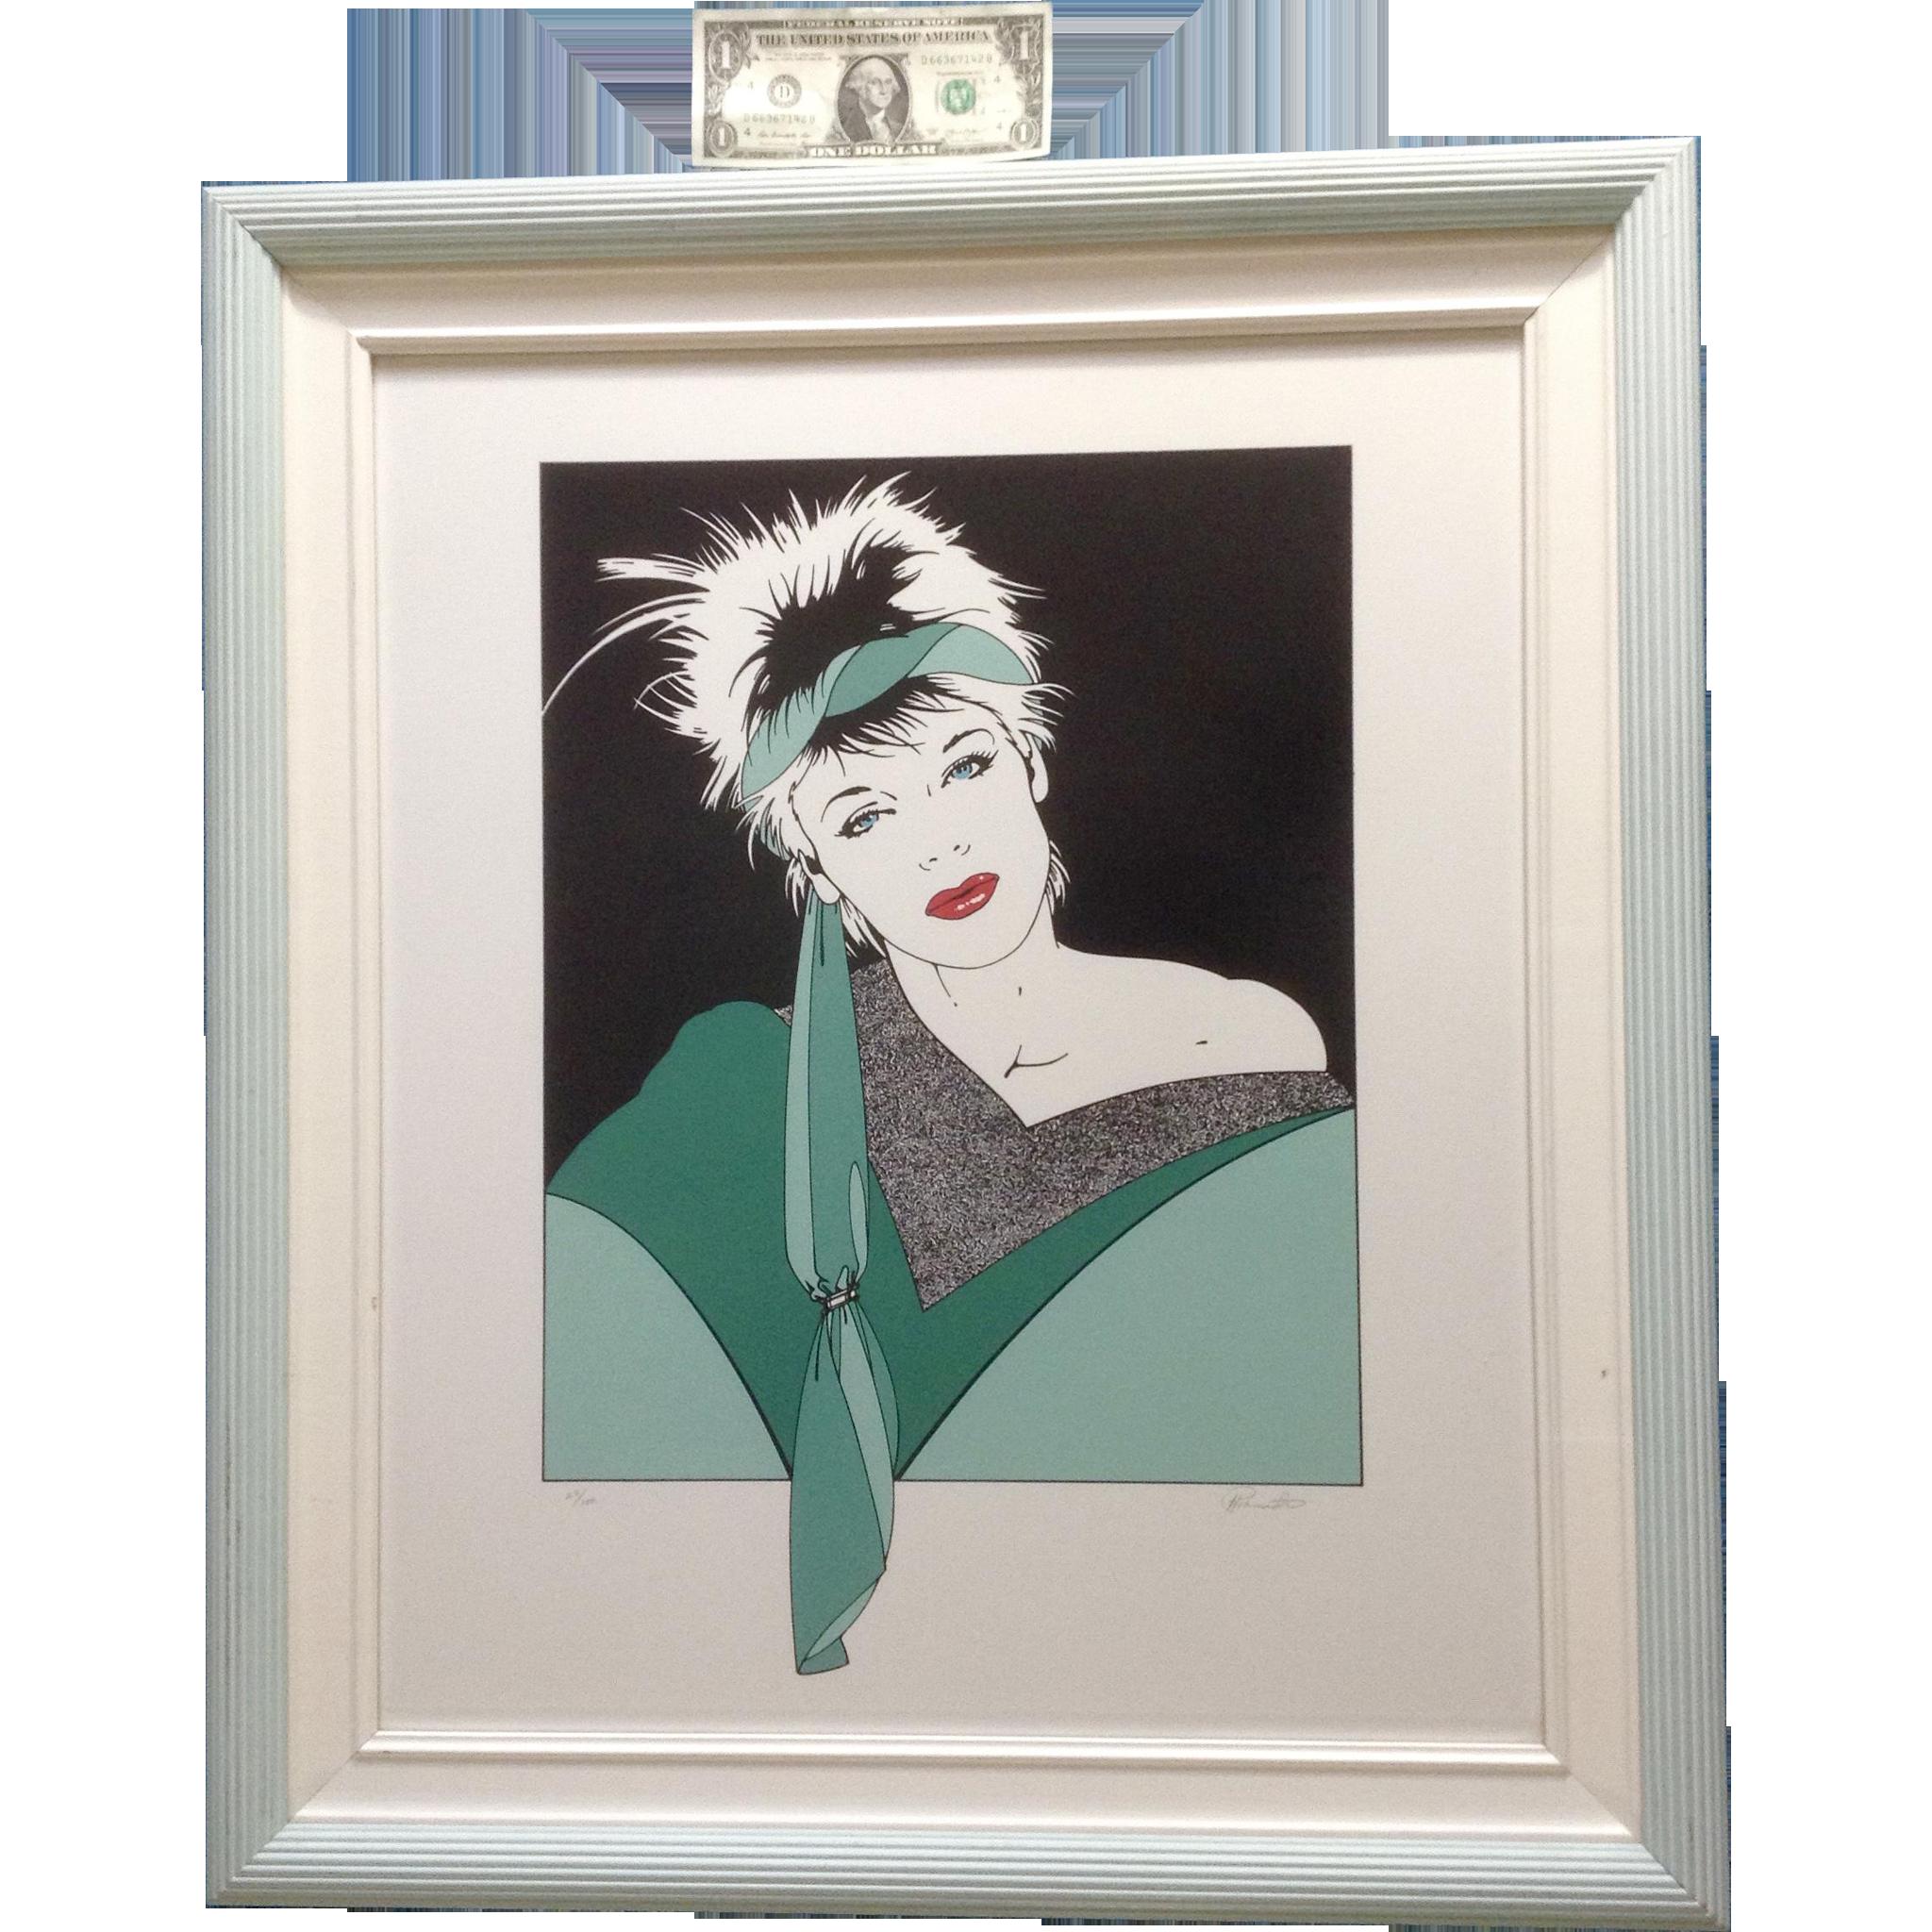 1980's Pop Art Woman Silkscreen Serigraph Print Signed by